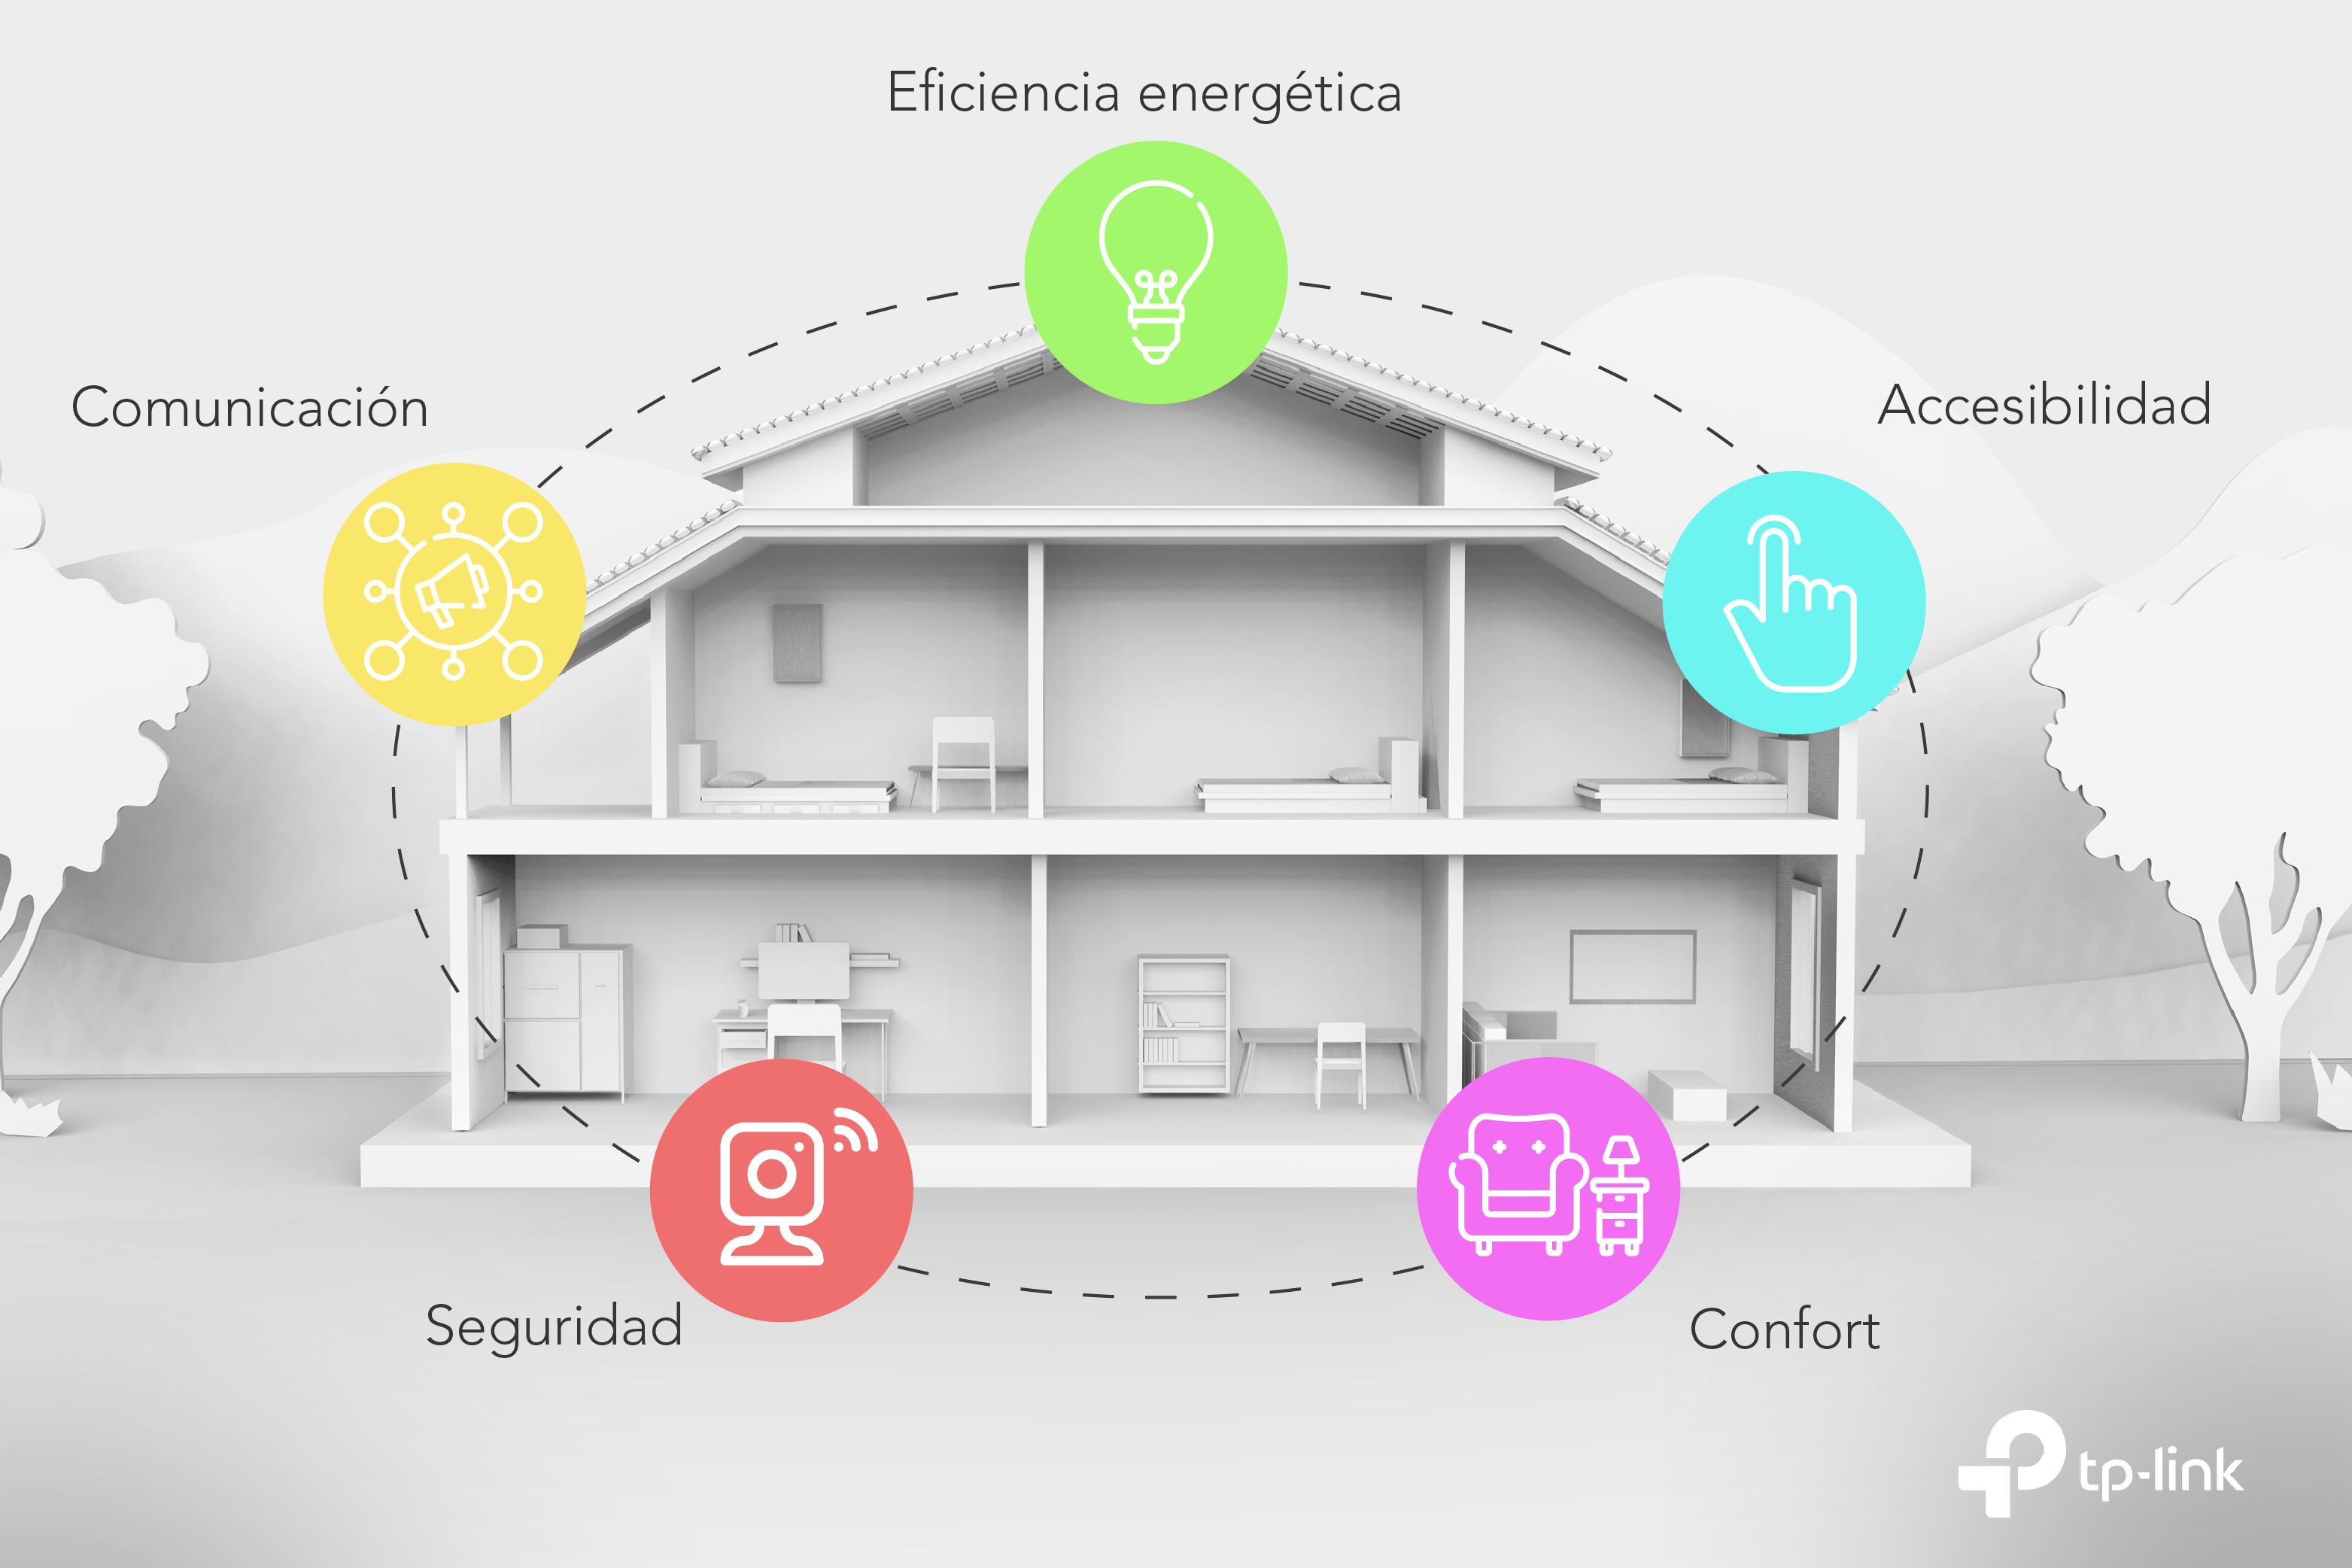 Estas son las grandes ventajas de un hogar inteligente